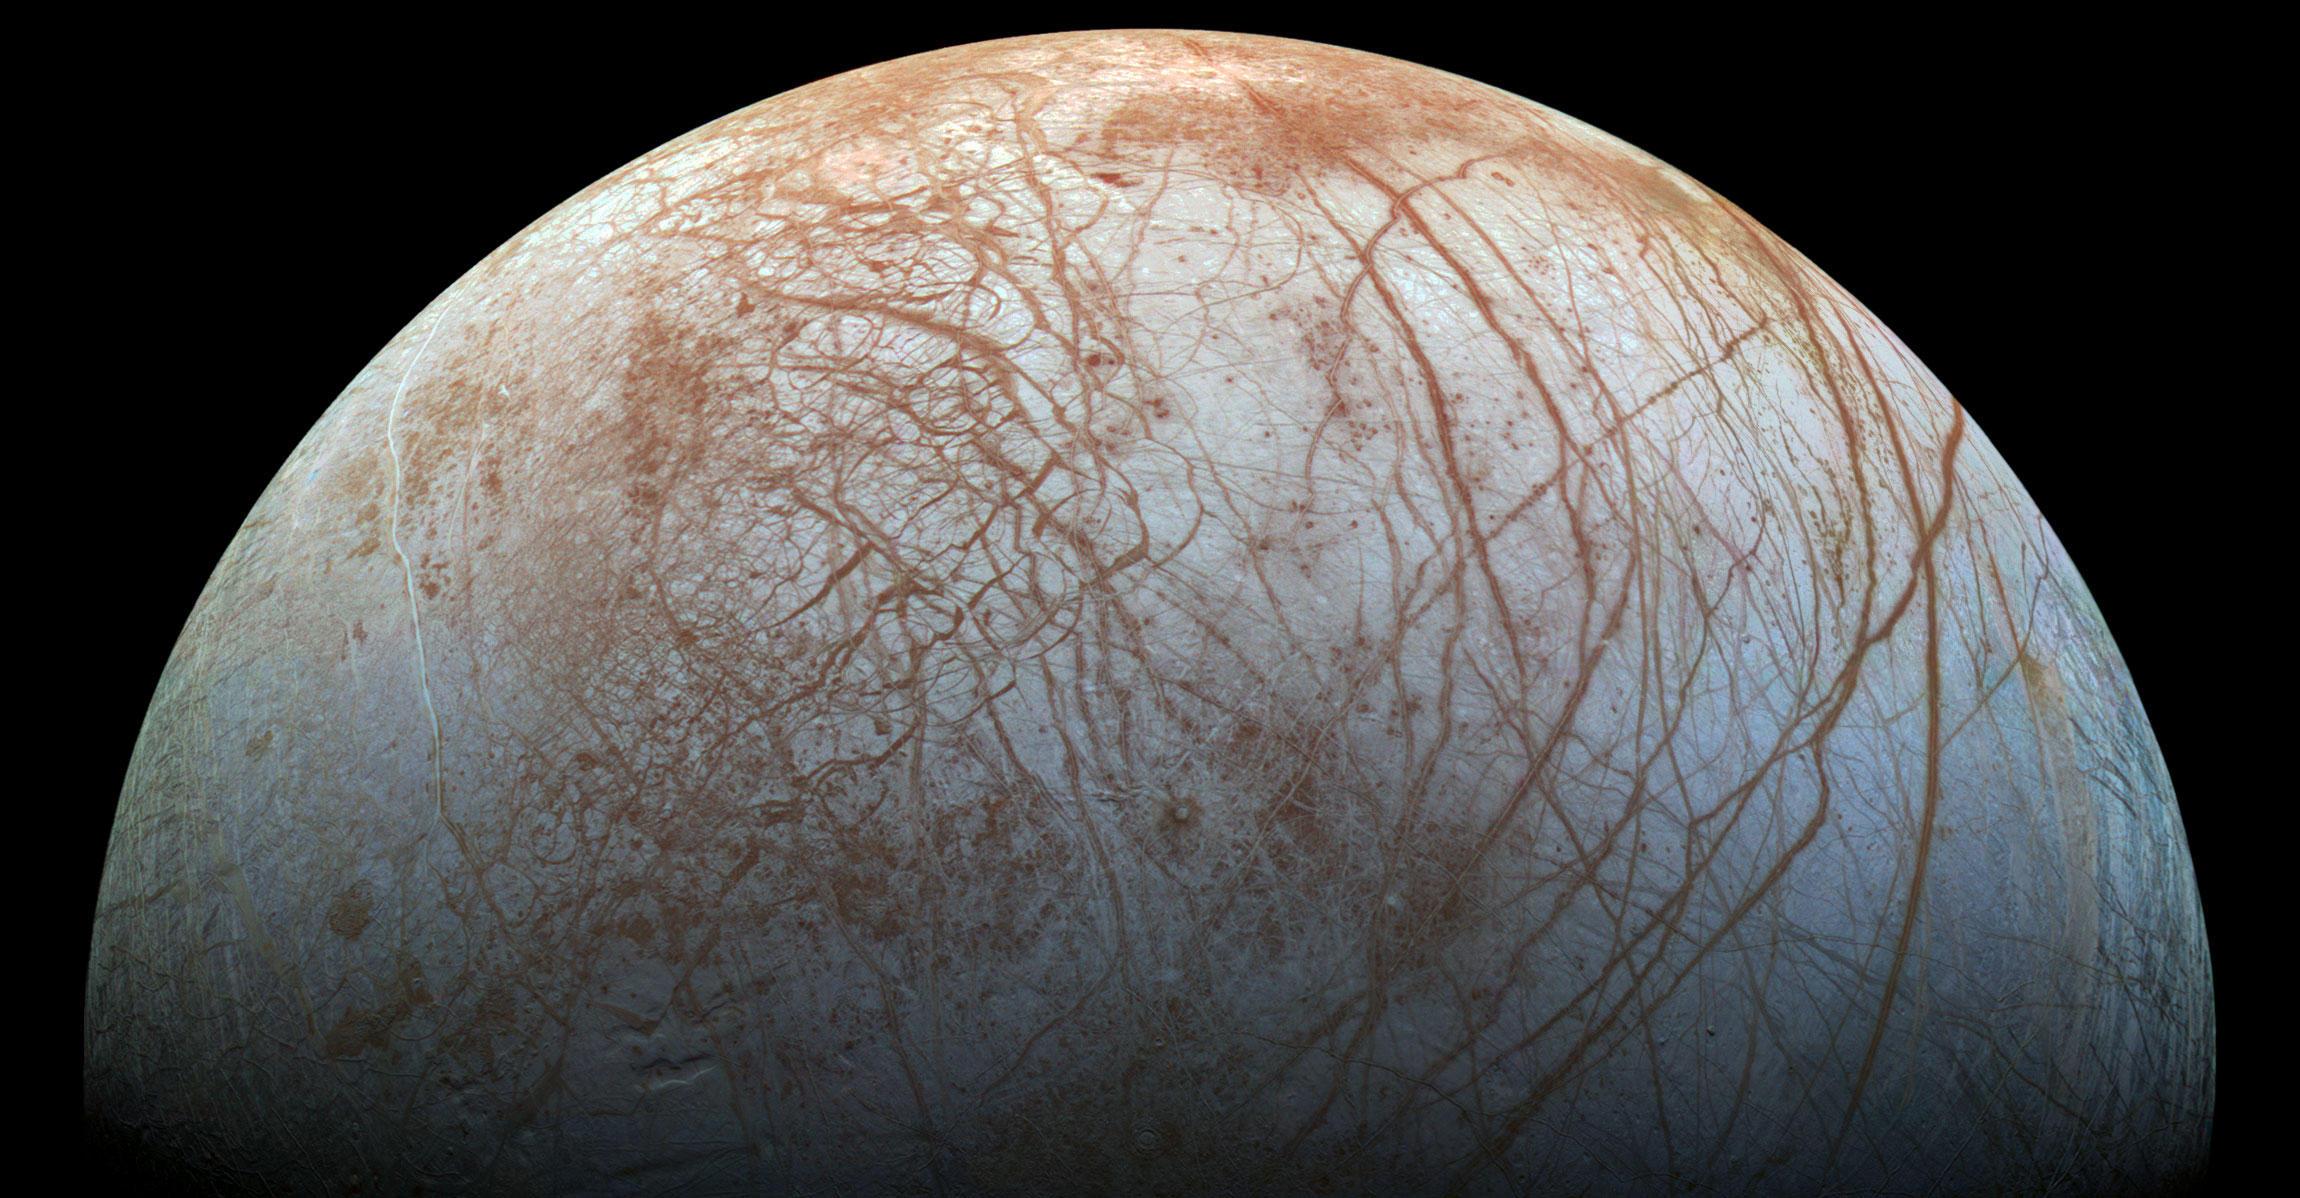 Europa's Stunning Surface